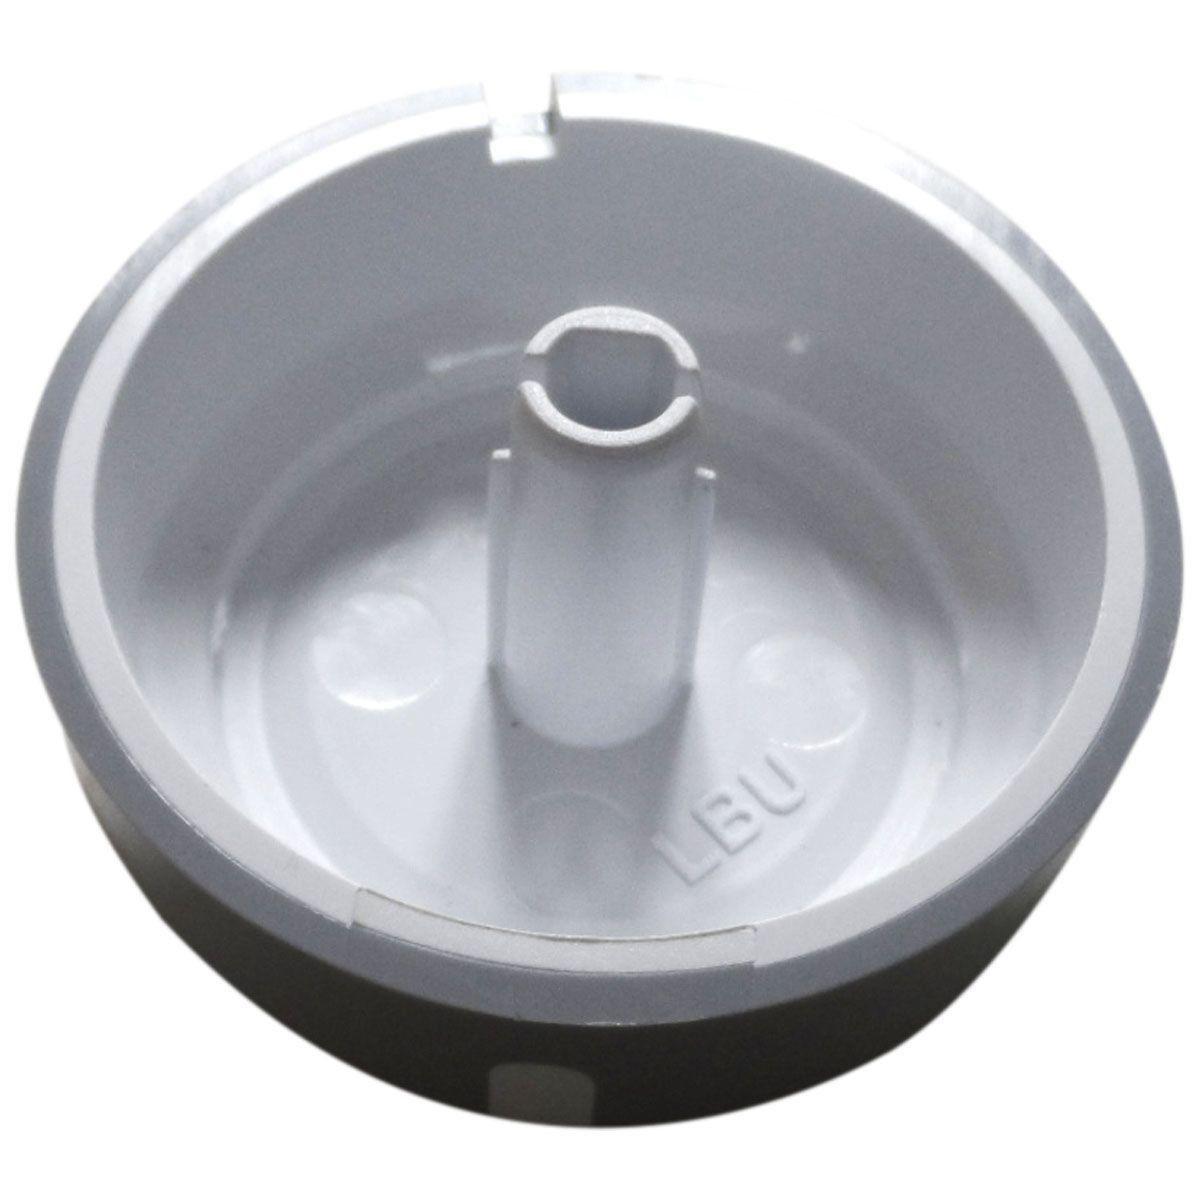 Botão Programa Lavadora Electrolux 67401169